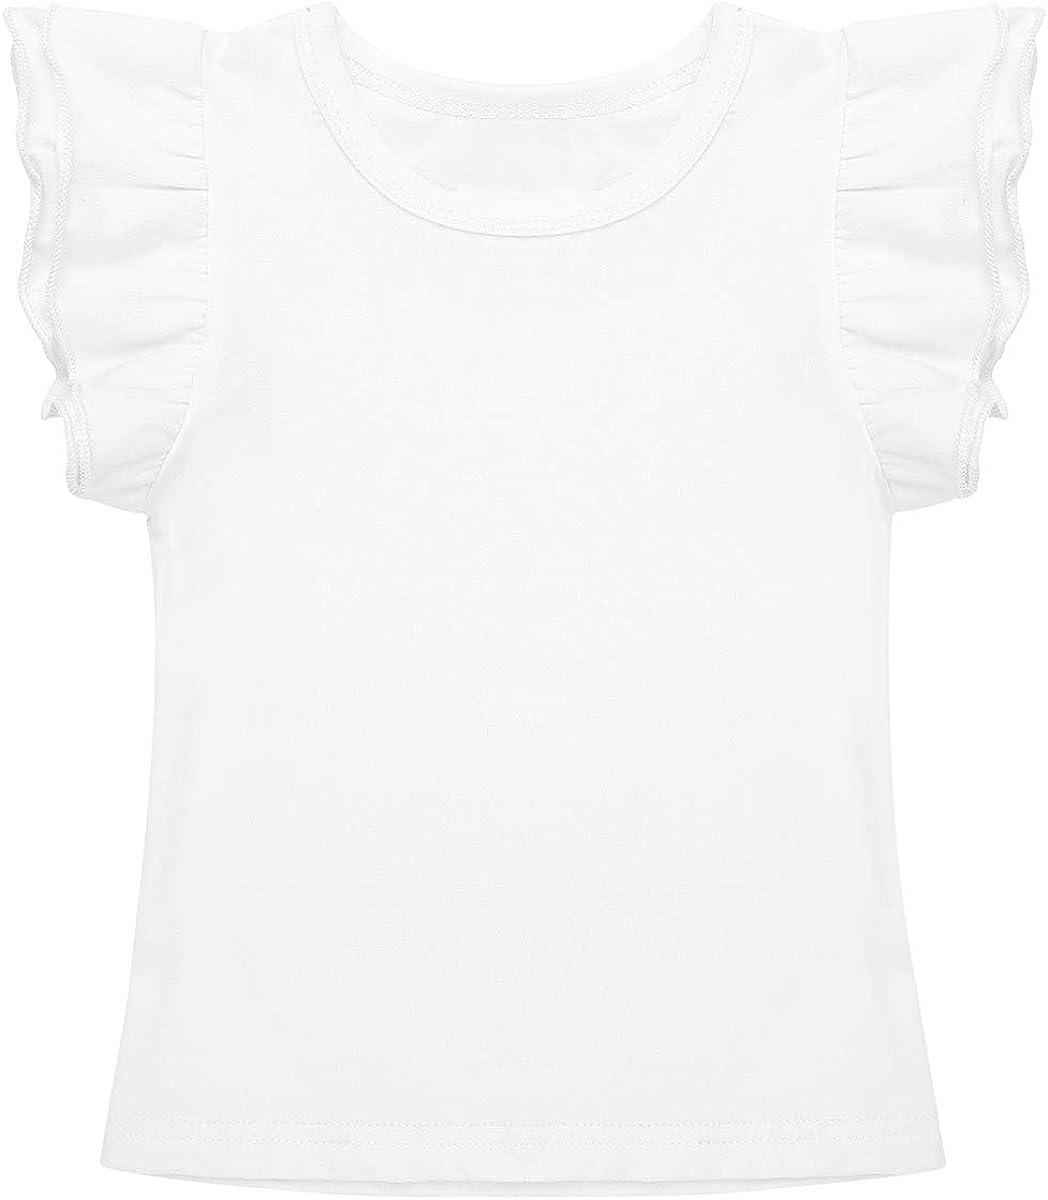 dPois Baby M/ädchen T-Shirt Top aus Baumwolle mit Fl/ügel/ärmel Rundhals Oberteile Kleinkind atmungsaktiv Sommer